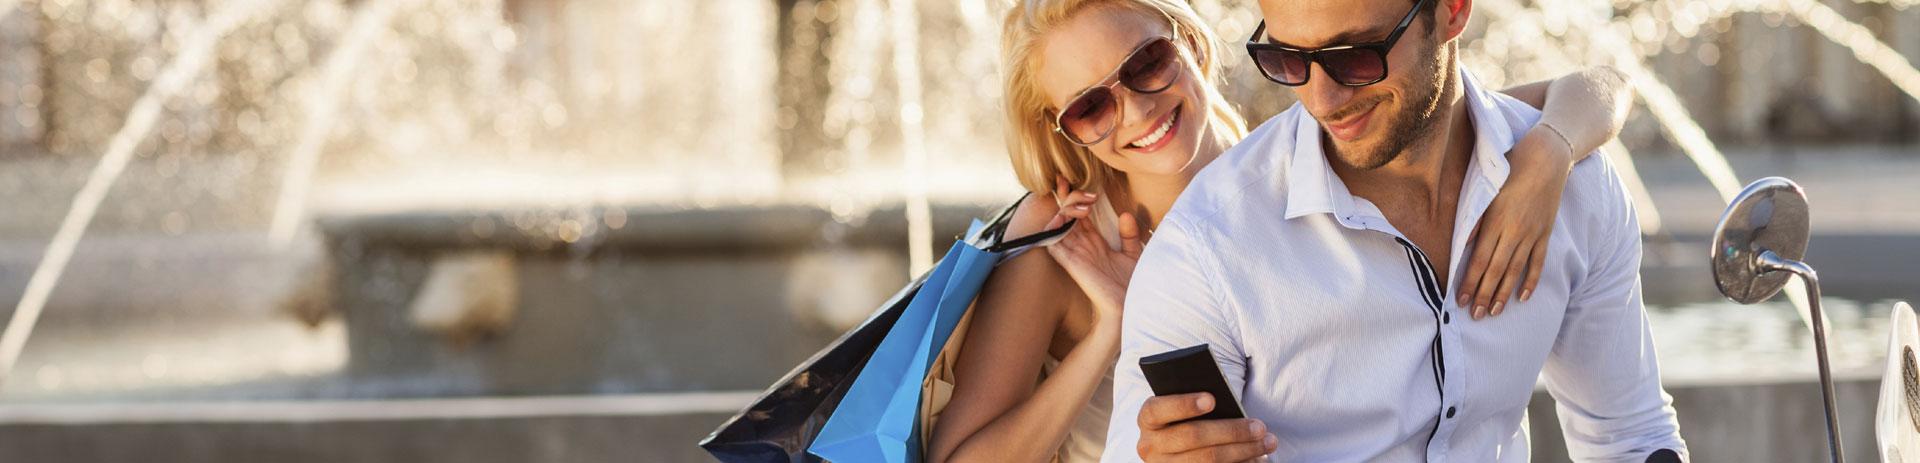 Glückliches Pärchen, das gemeinsam auf ein Smartphone schaut